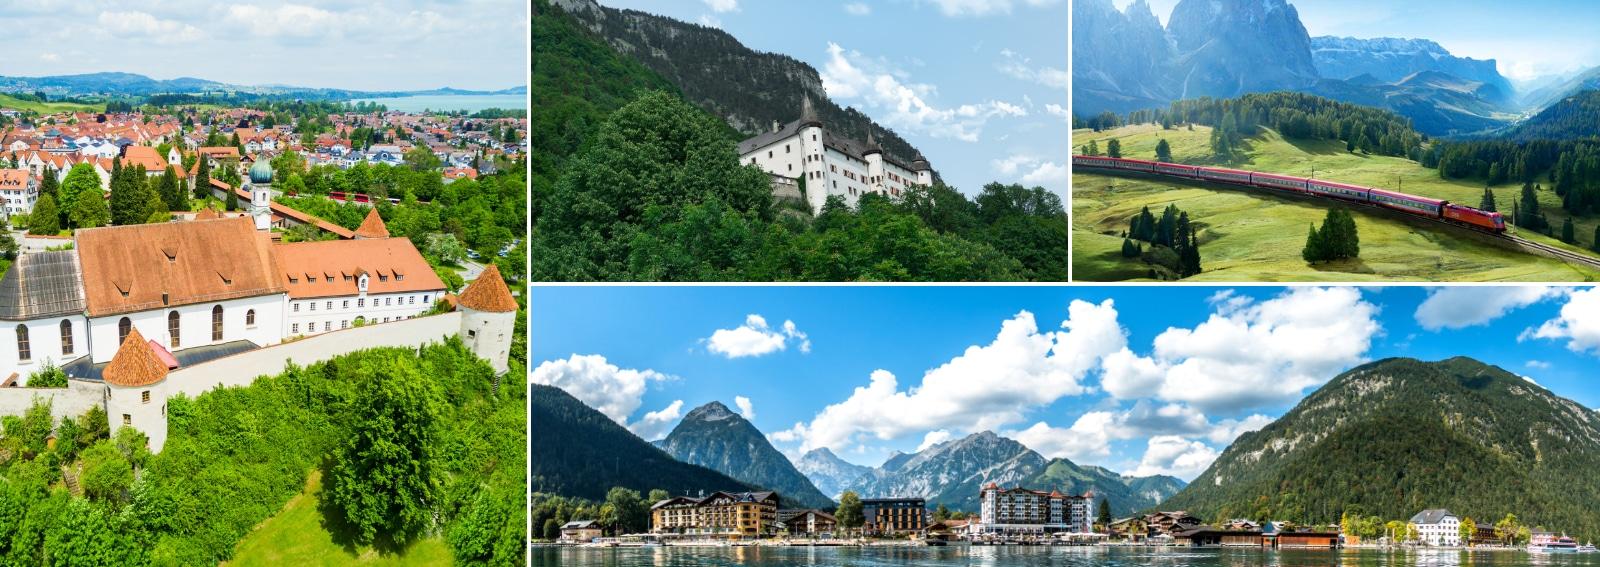 Jenbach Tirolo cittadina tra Innsbruck e Kufstein raggiungibile con treni DB-OBB Eurocity DESK